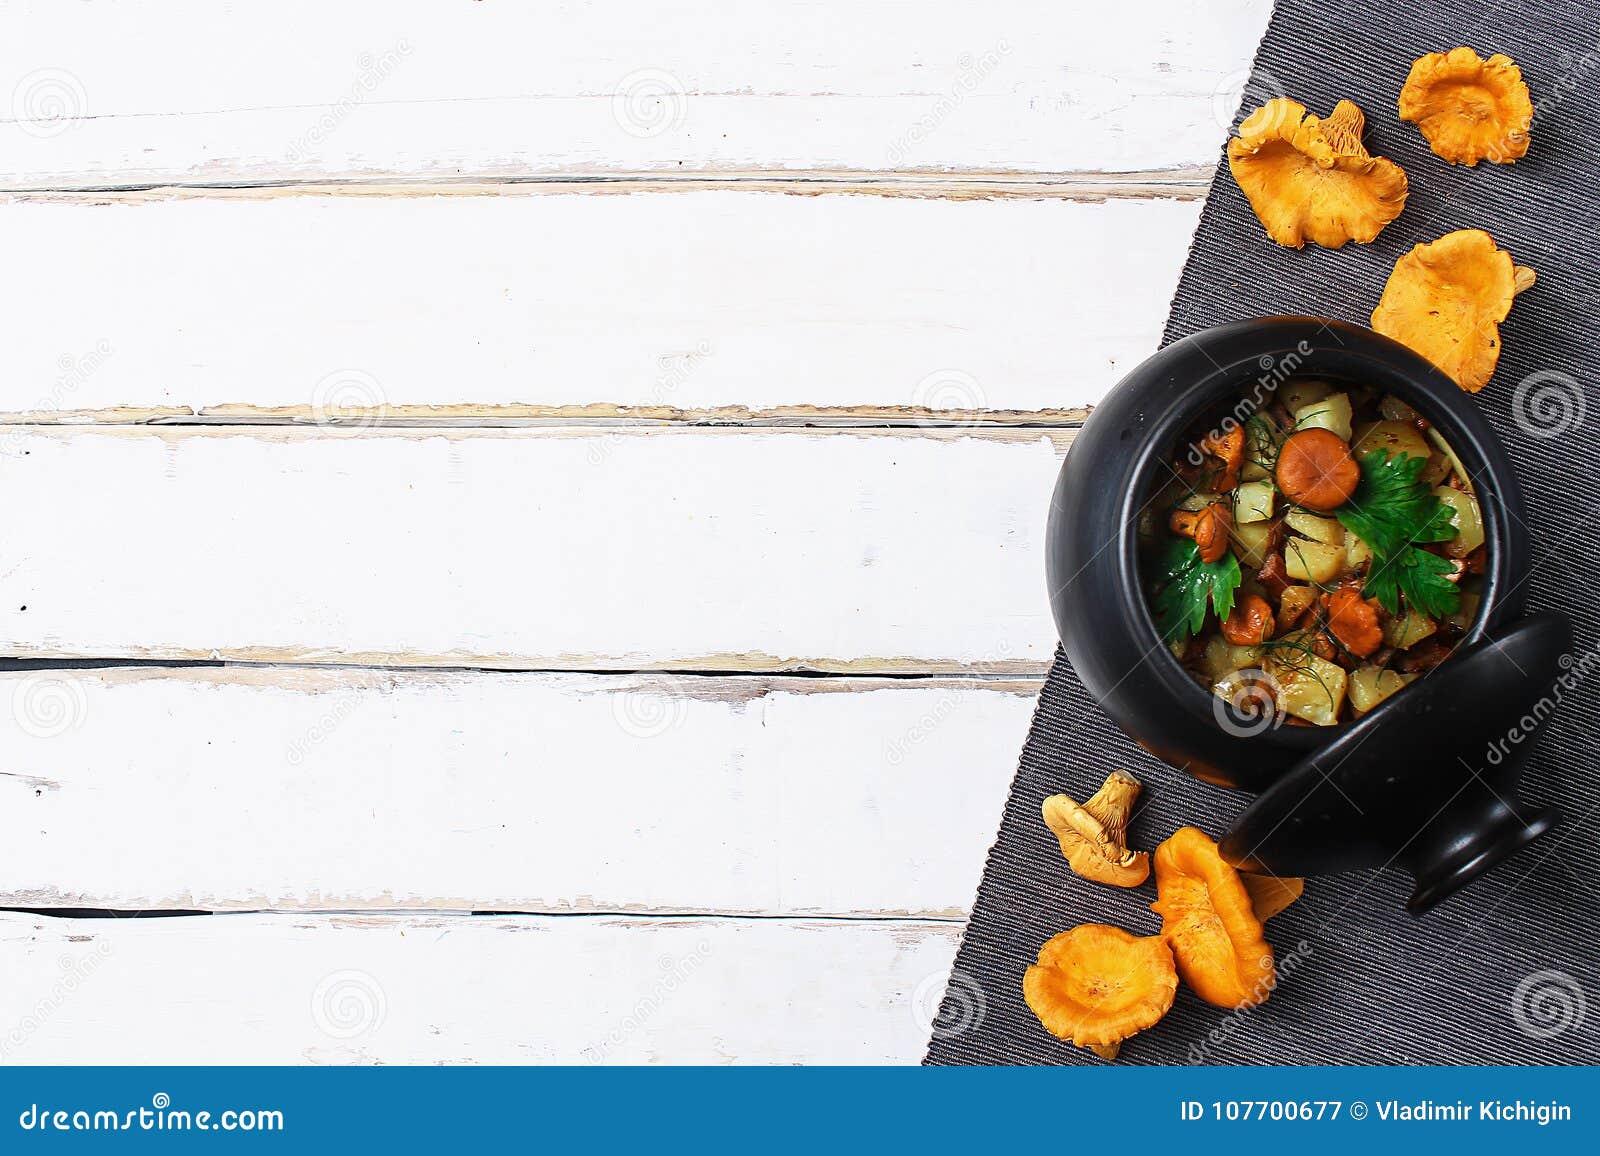 Download Aardappels Met Paddestoelen In Een Kleipot Paddestoelen Van Het Bos Stock Afbeelding - Afbeelding bestaande uit ceramisch, peterselie: 107700677